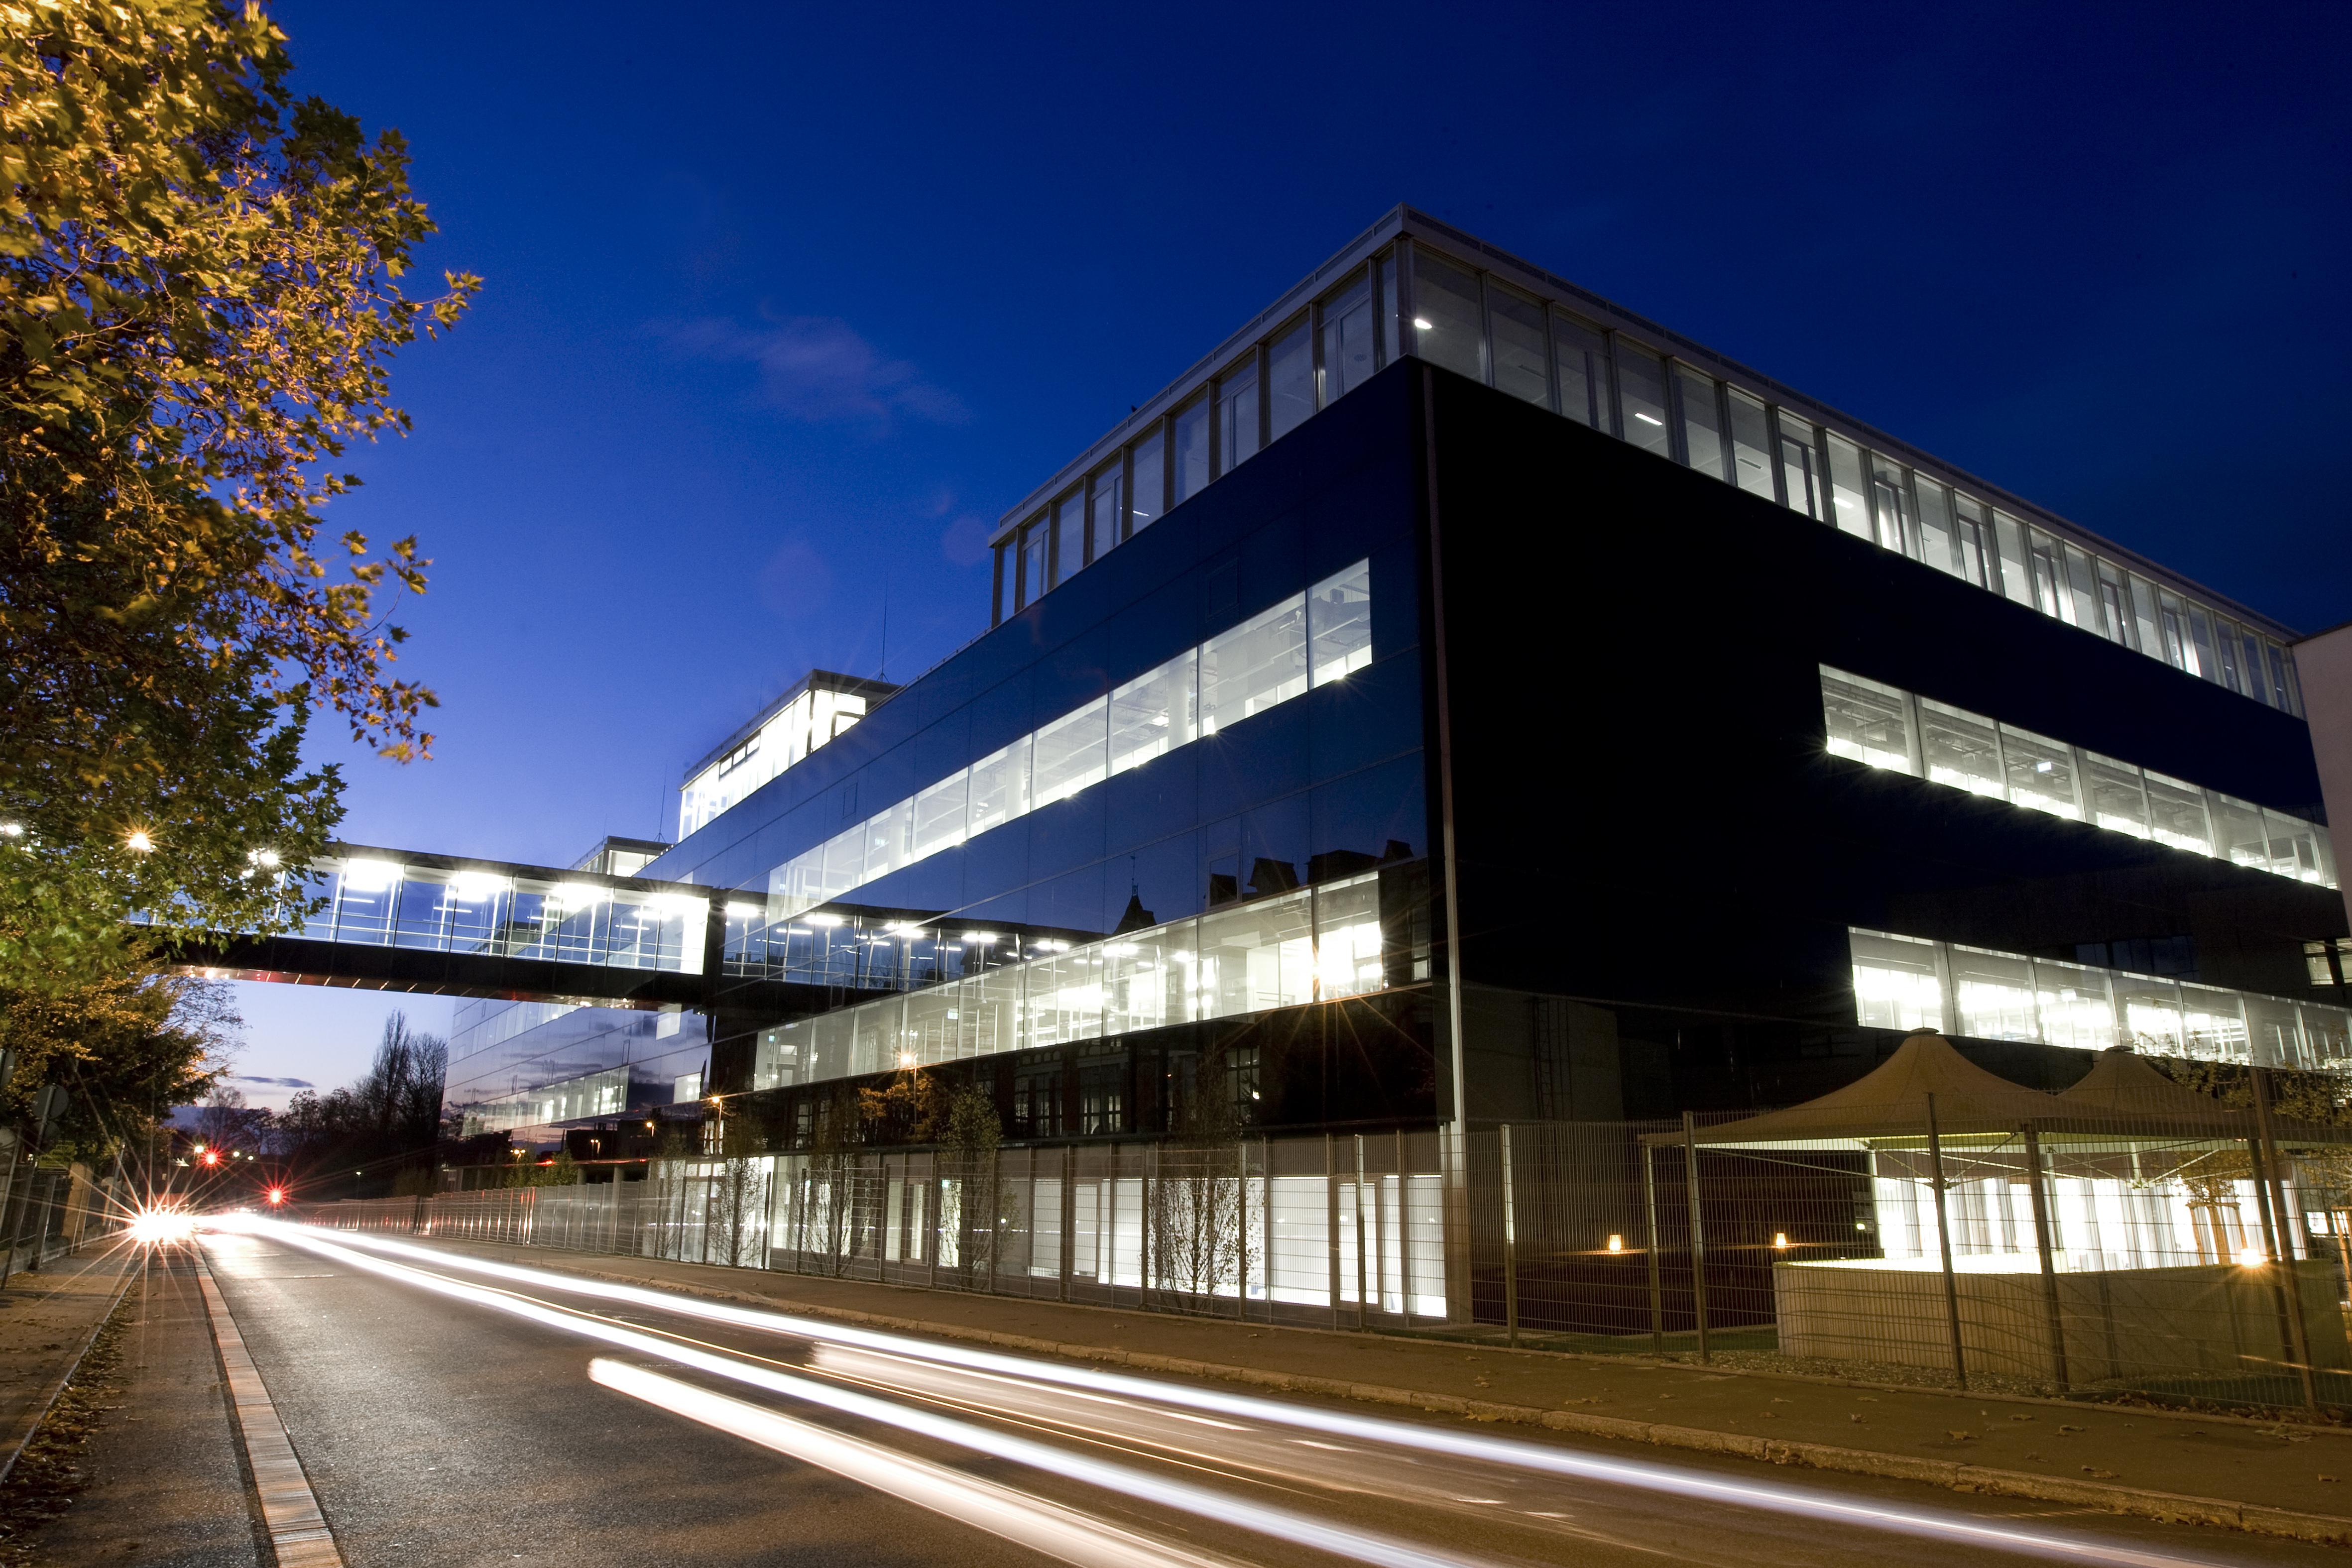 Halbleiterfabrik von Bosch in Reutlingen